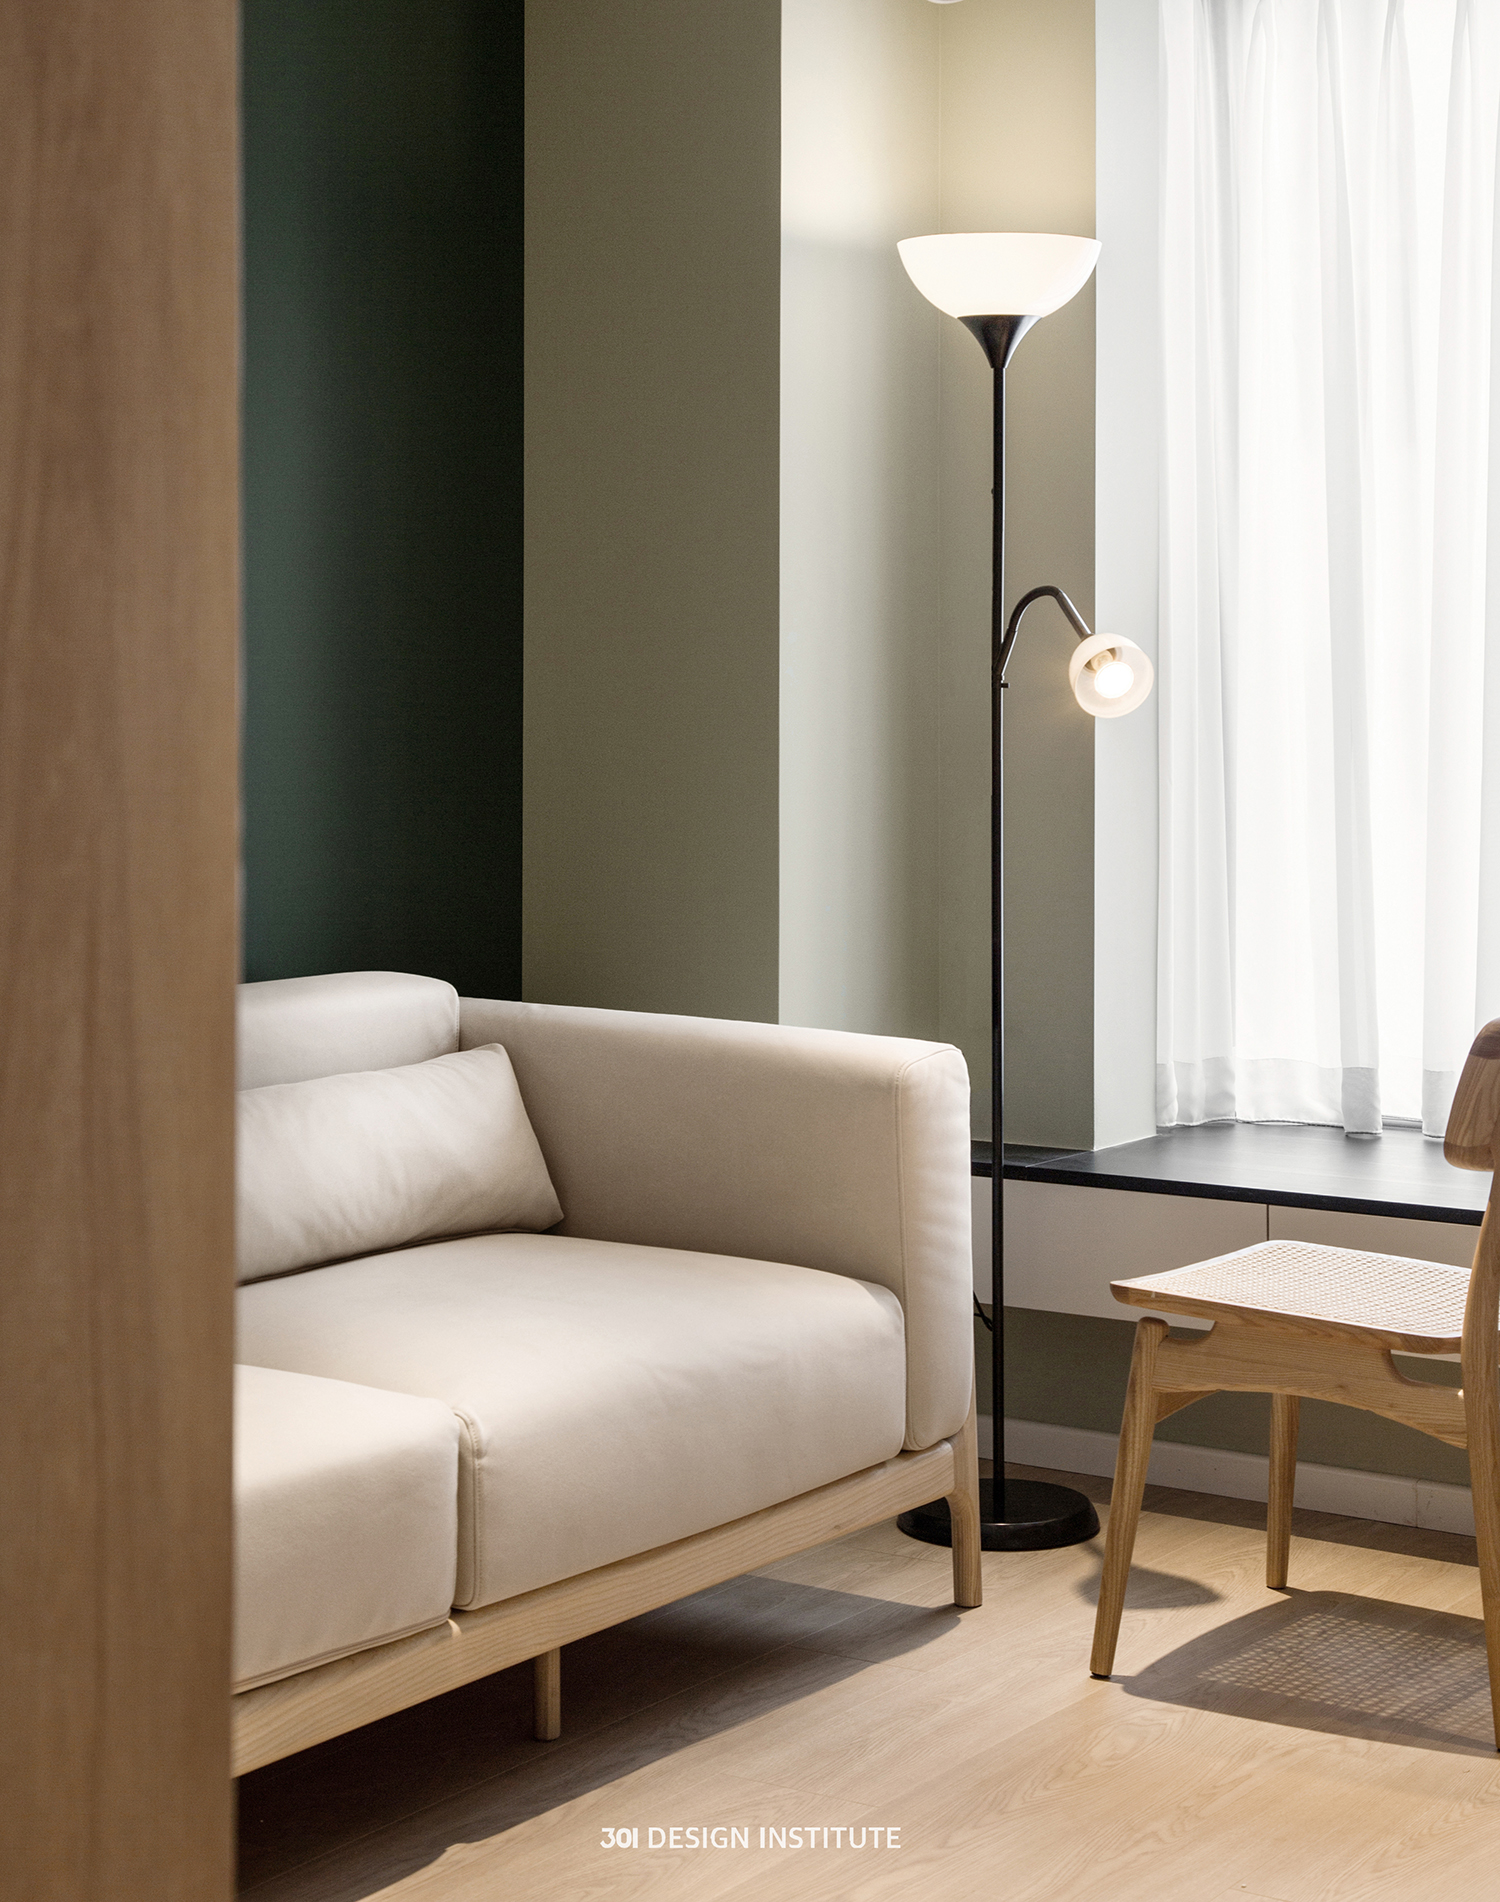 【301设计】| 绿色与木色和谐交融,感受空间的呼吸感